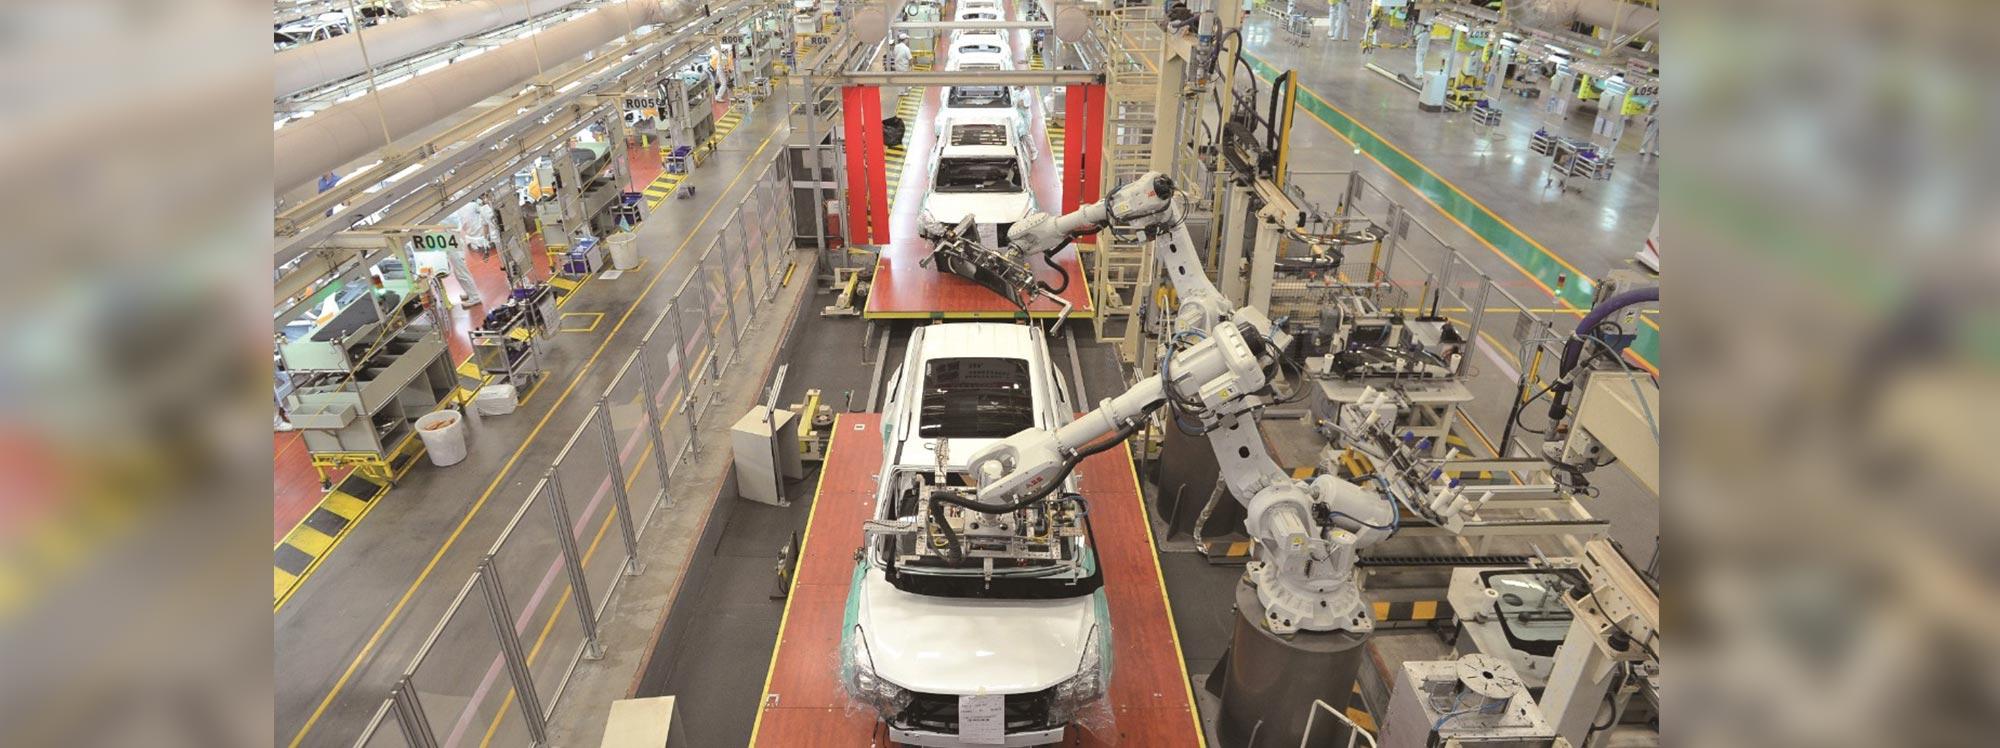 ¿Por qué crecen las empresas automotrices de China?